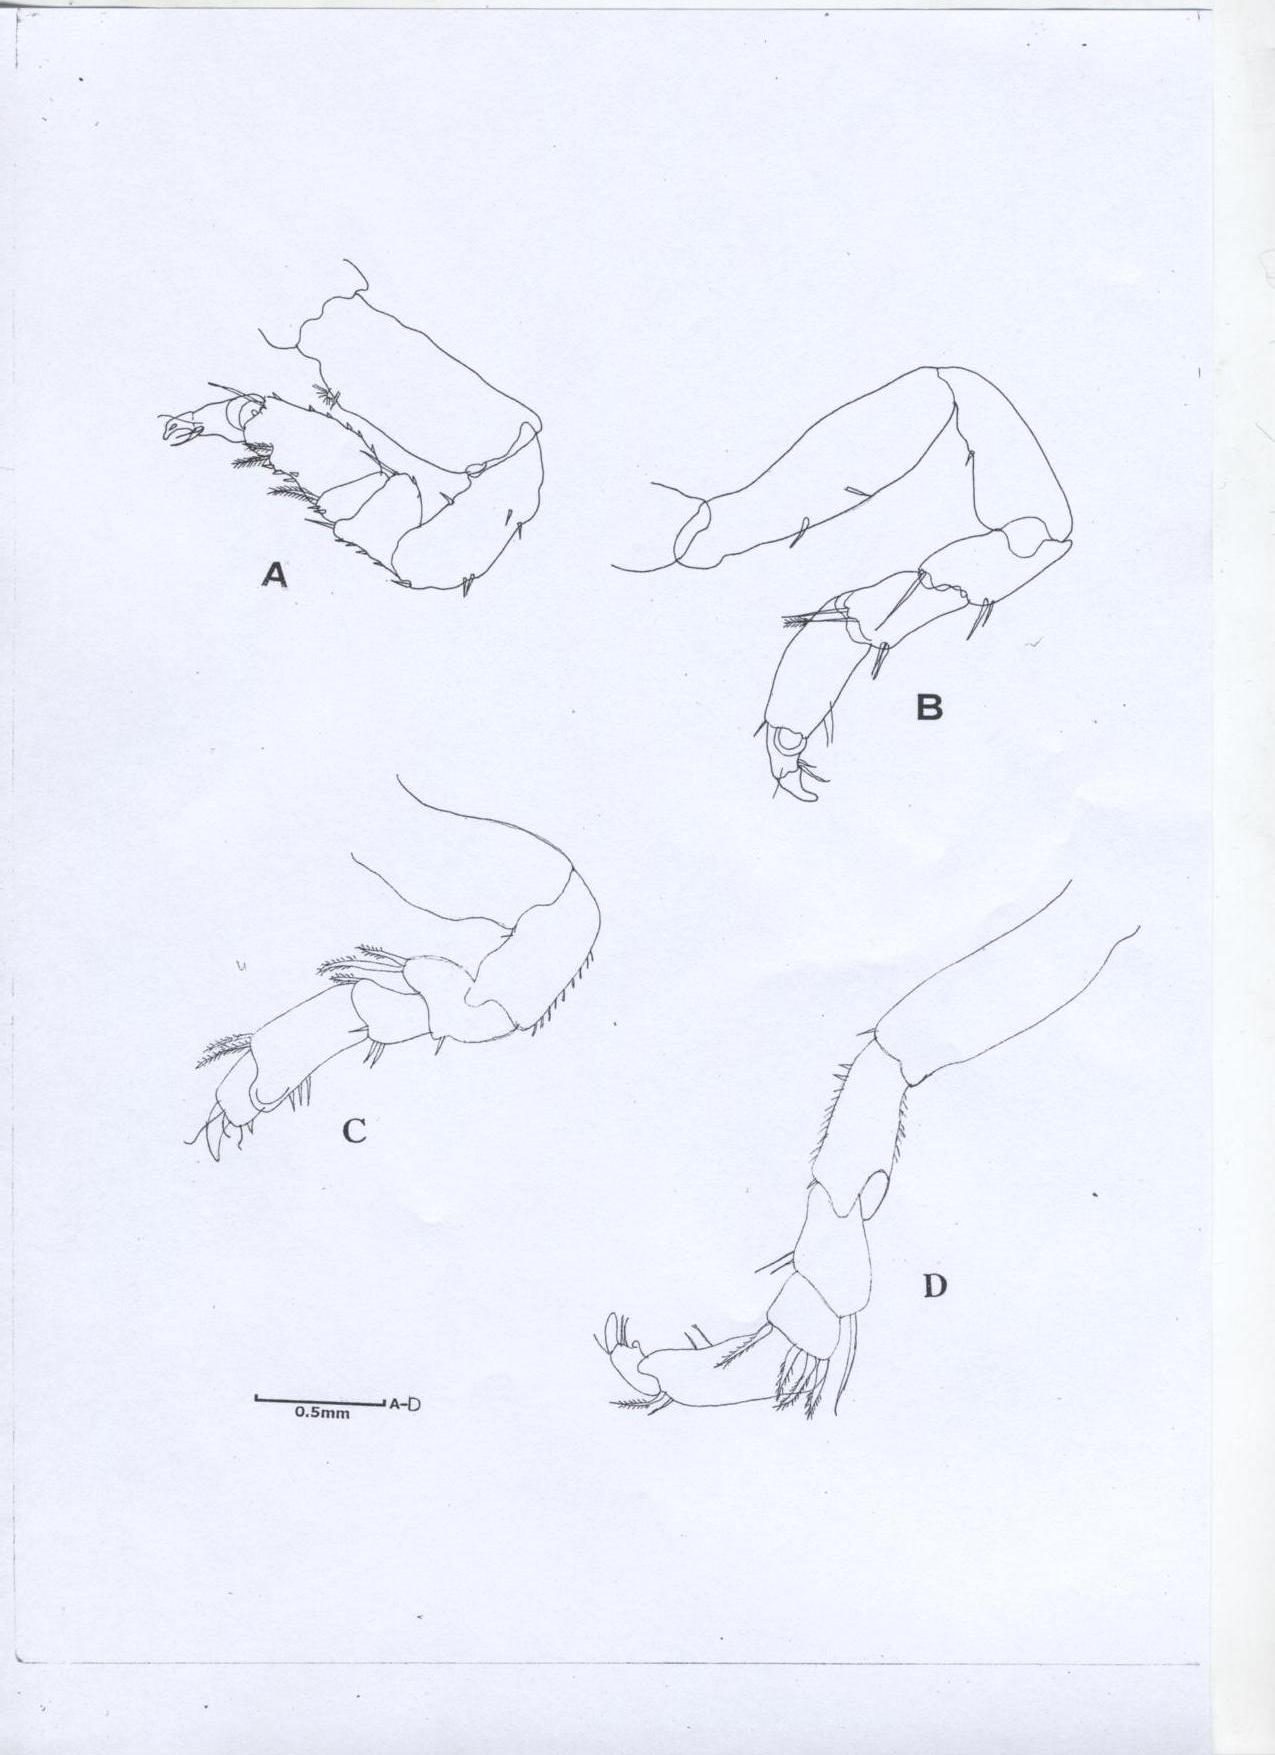 Heterodina qeshmensis Khalaji & Bruce, 2014 [6], A, Pereopod 1; B, Pereopod 2; C, Pereopod 4; D, Pereopod 7